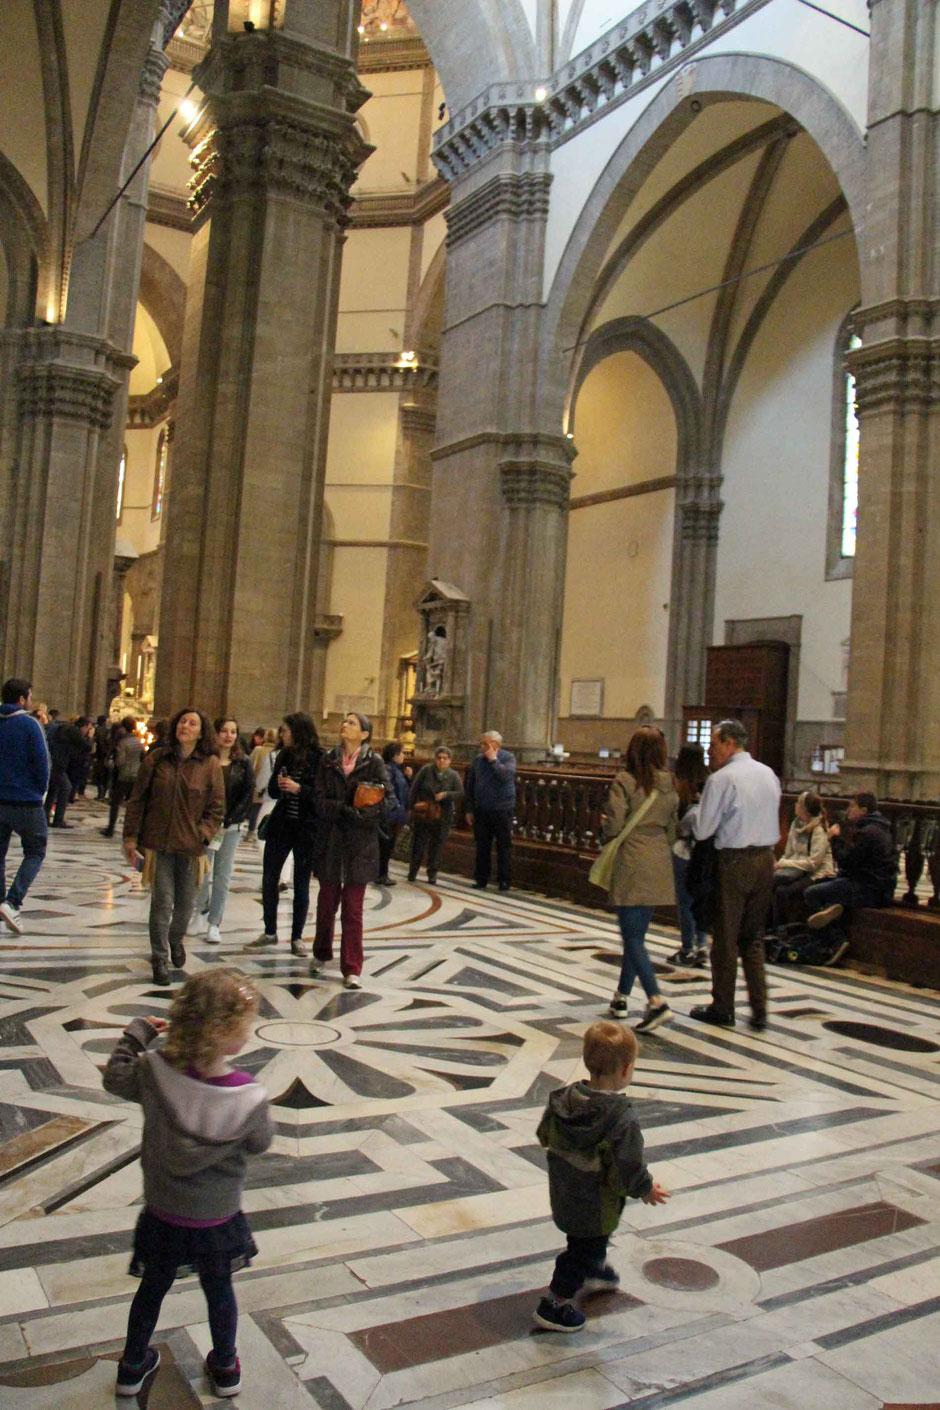 Cattedrale di Santa Maria del Fiore Florence Italy With Children